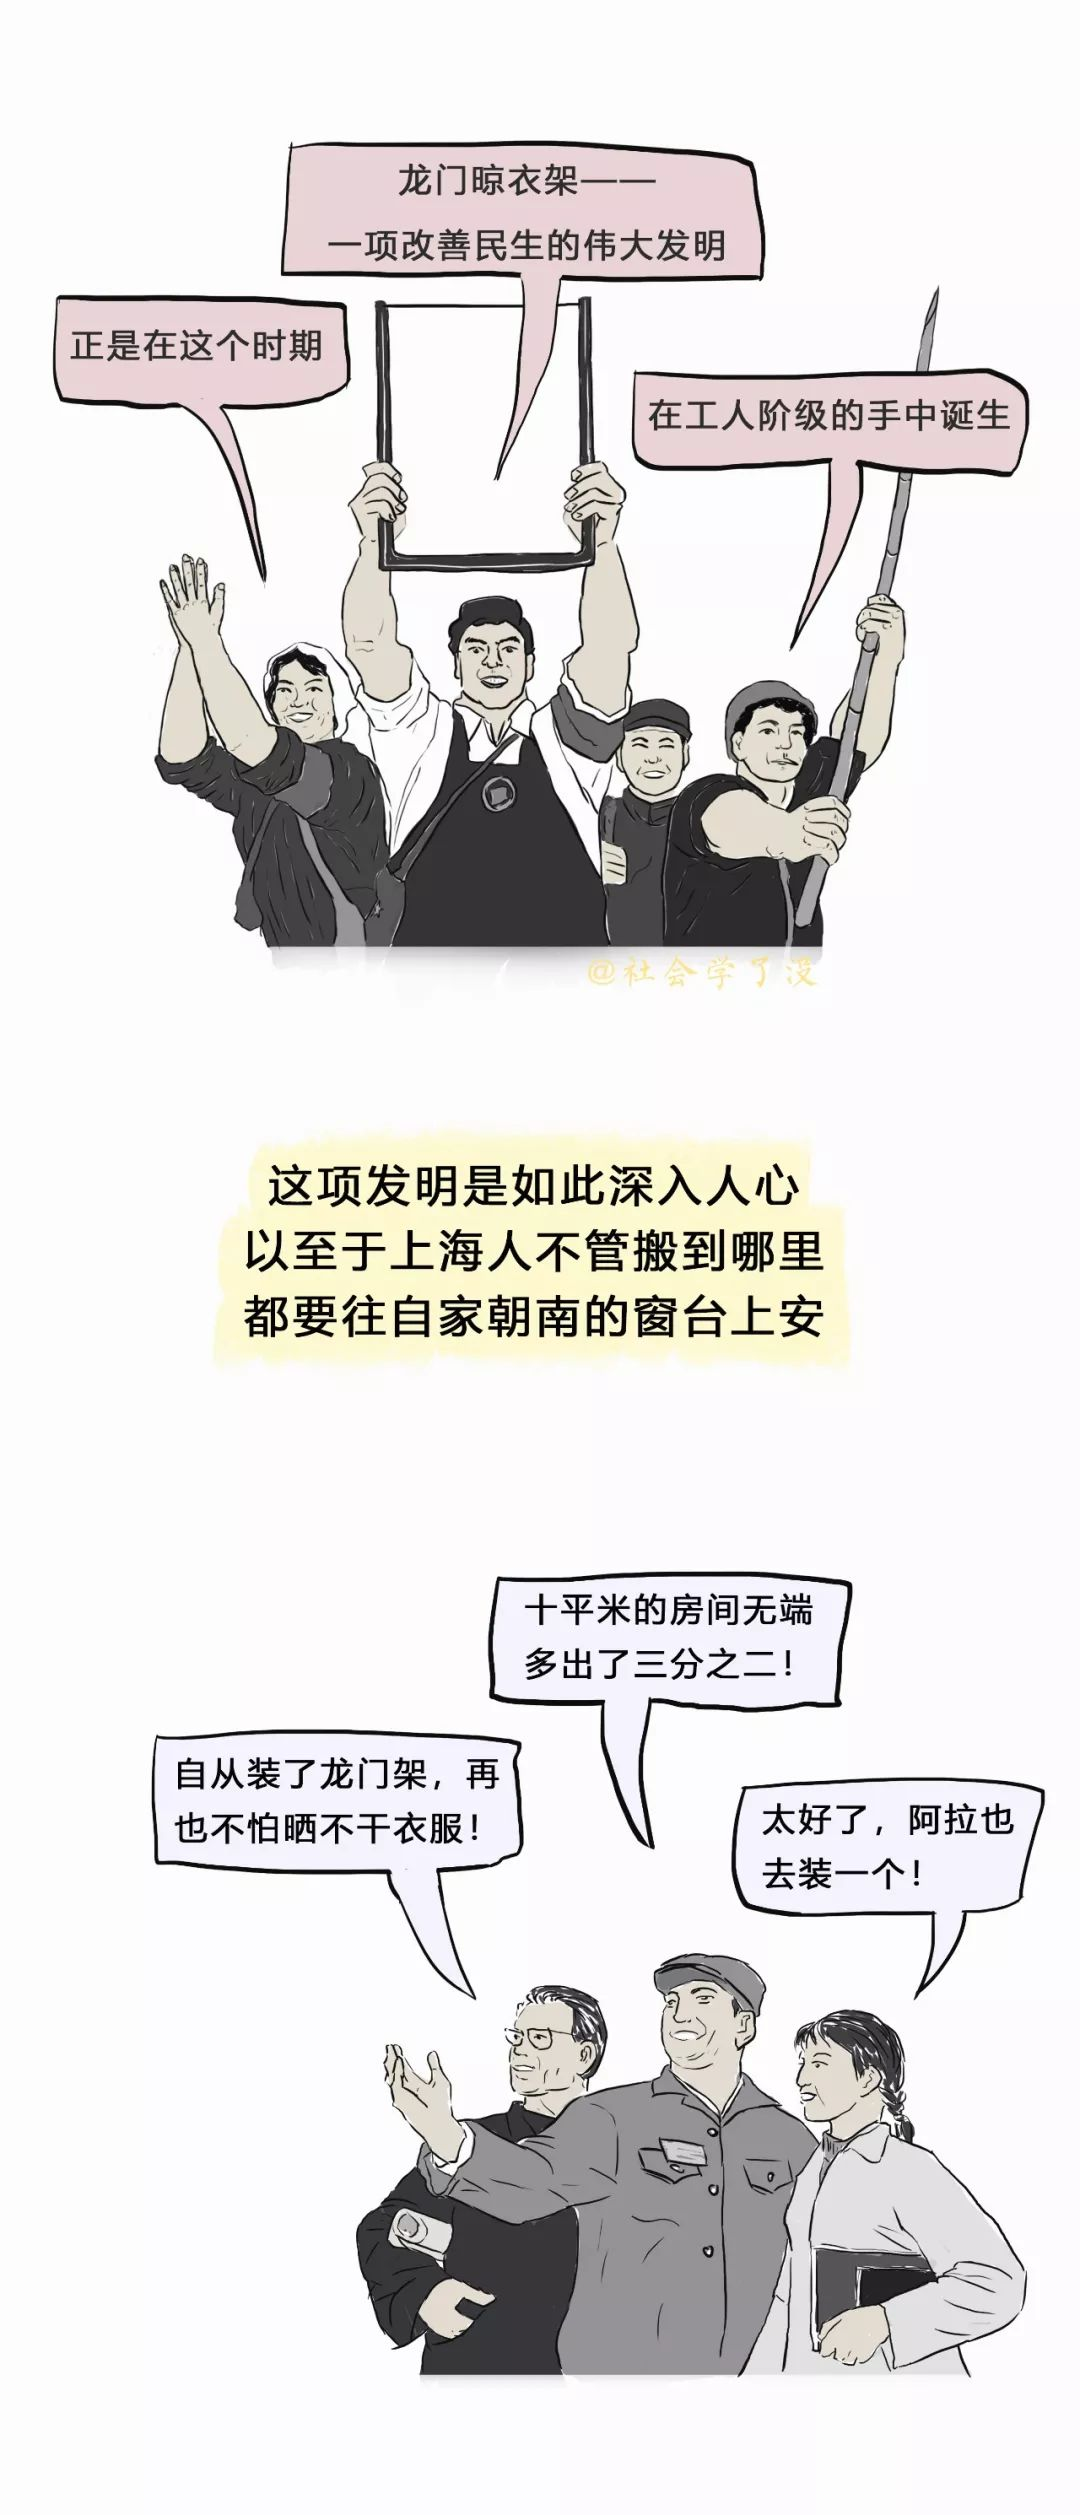 石库门,晒衣服,建筑,上海,民居,住宅,景观,城市,社会主义,年代,石库门,马叔,上海,工人新村,民居